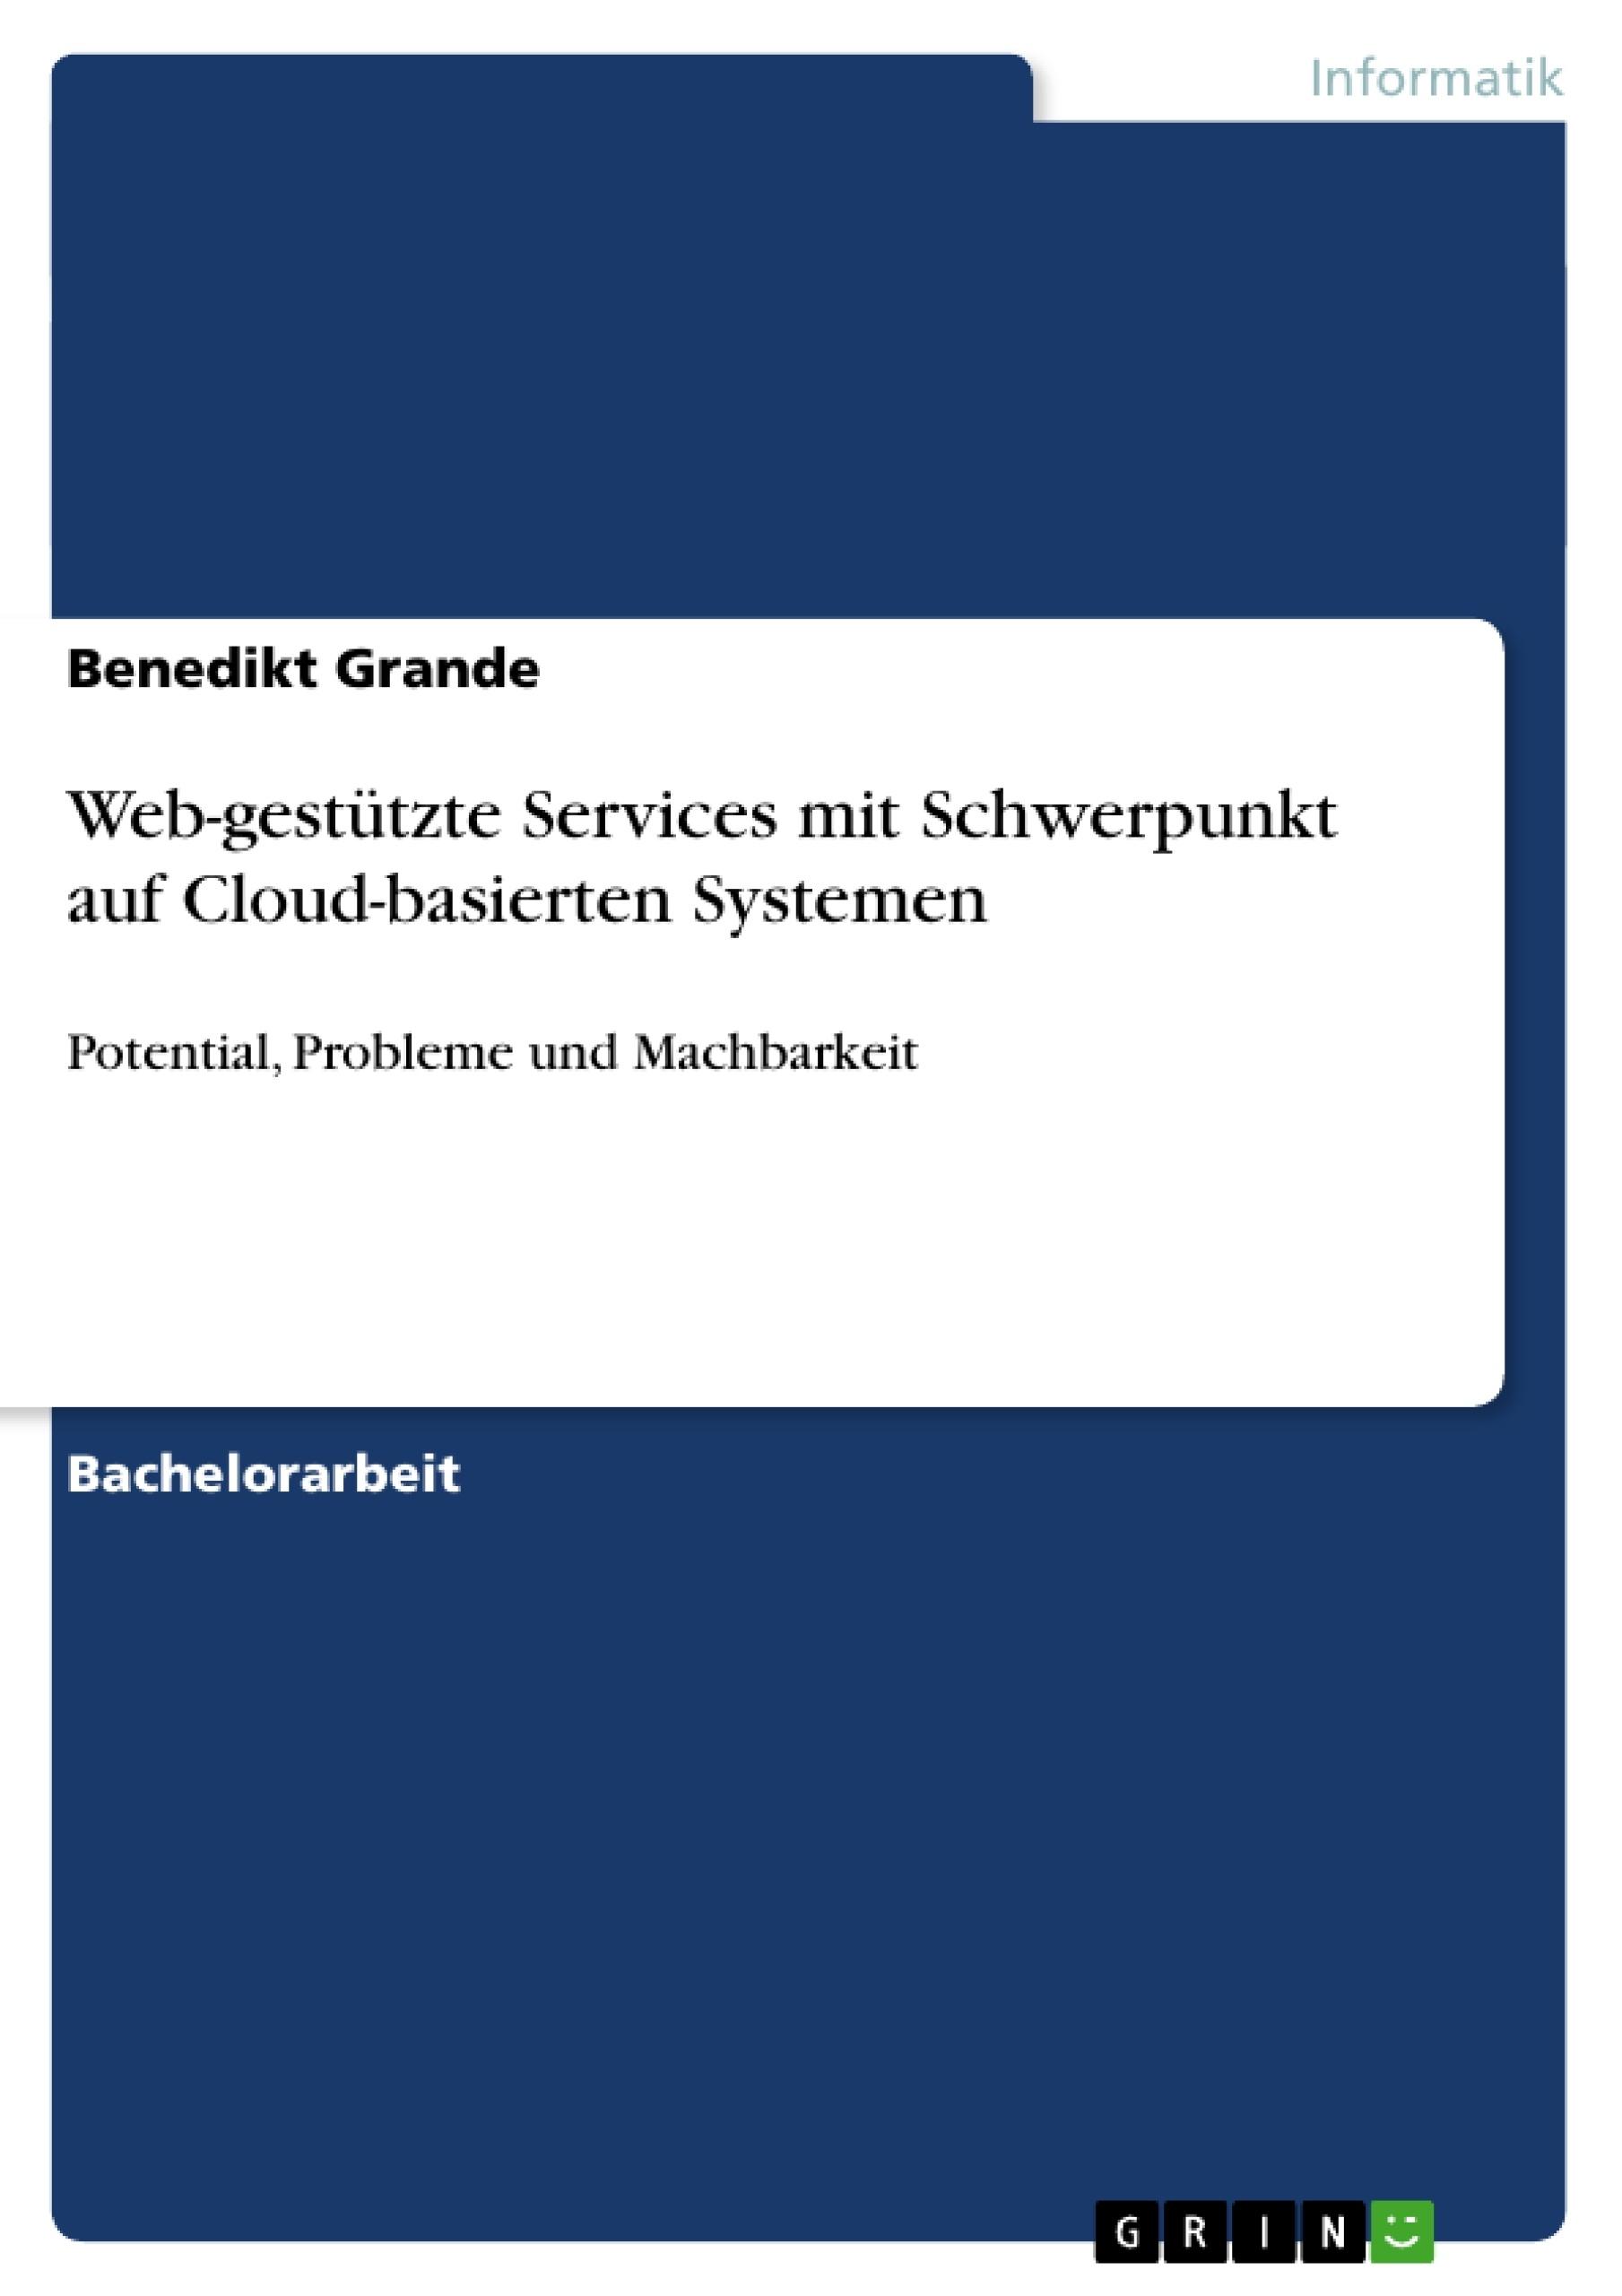 Titel: Web-gestützte Services mit Schwerpunkt auf Cloud-basierten Systemen